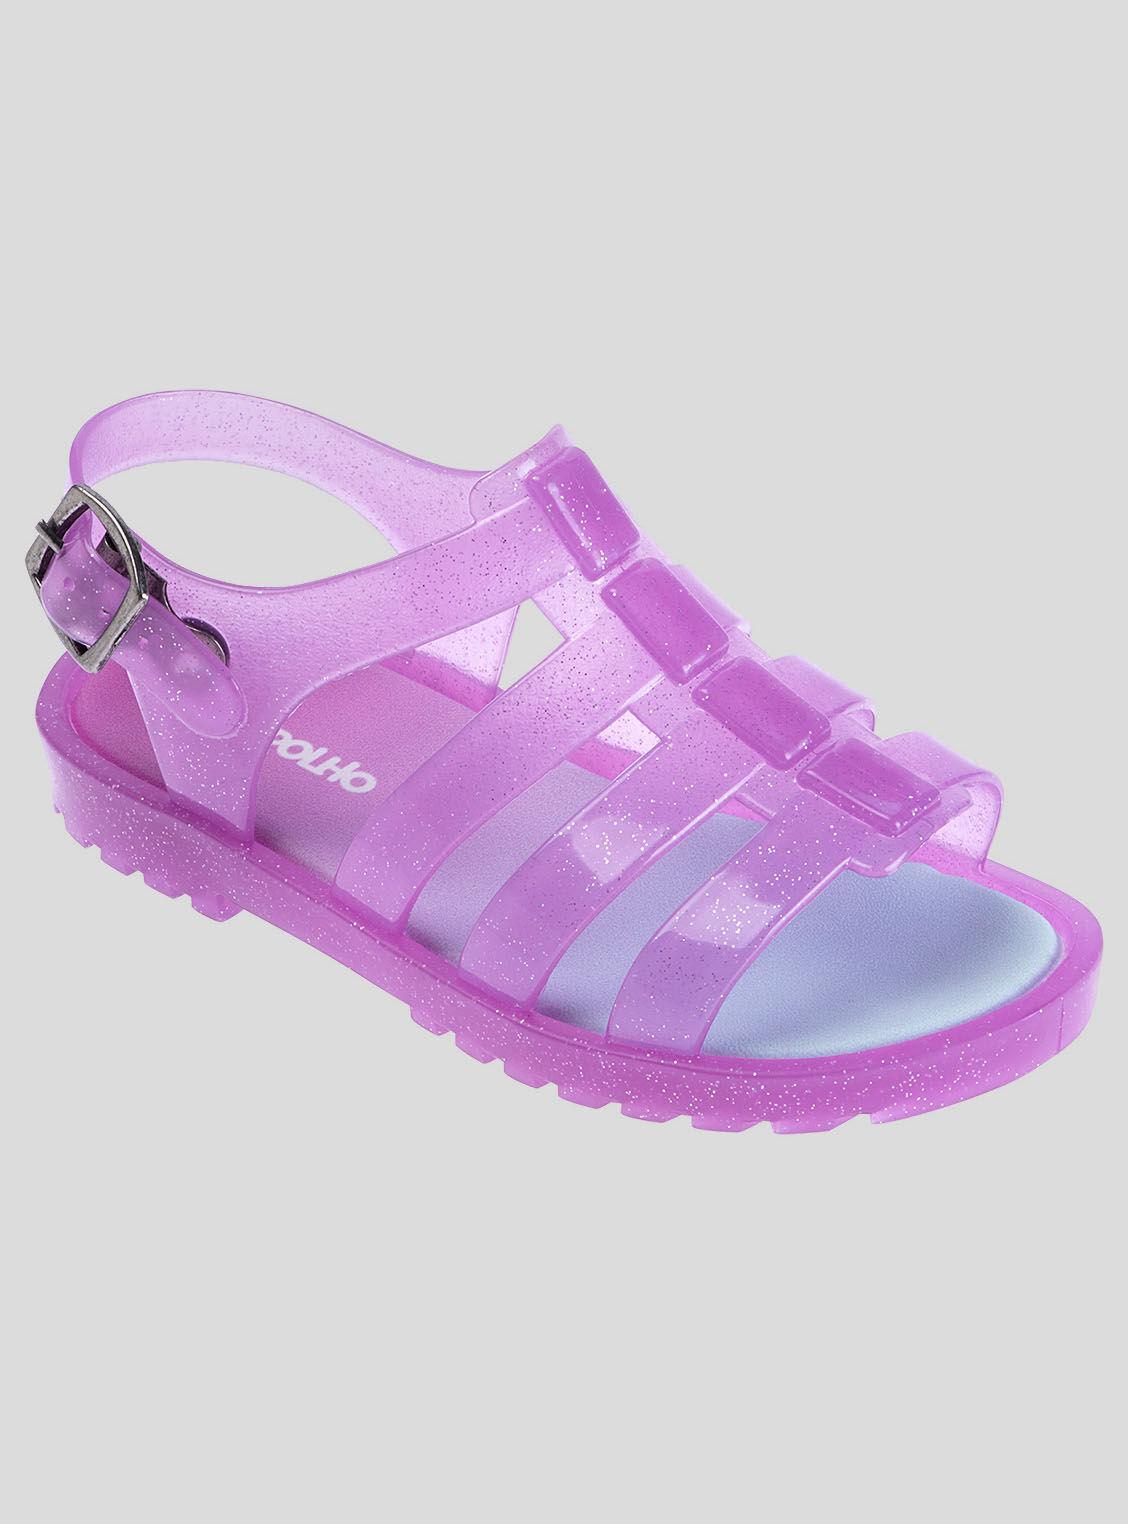 Modelos Ellas Zapatos Niñas Los Que cl PrefierenParis wZOPXikTu